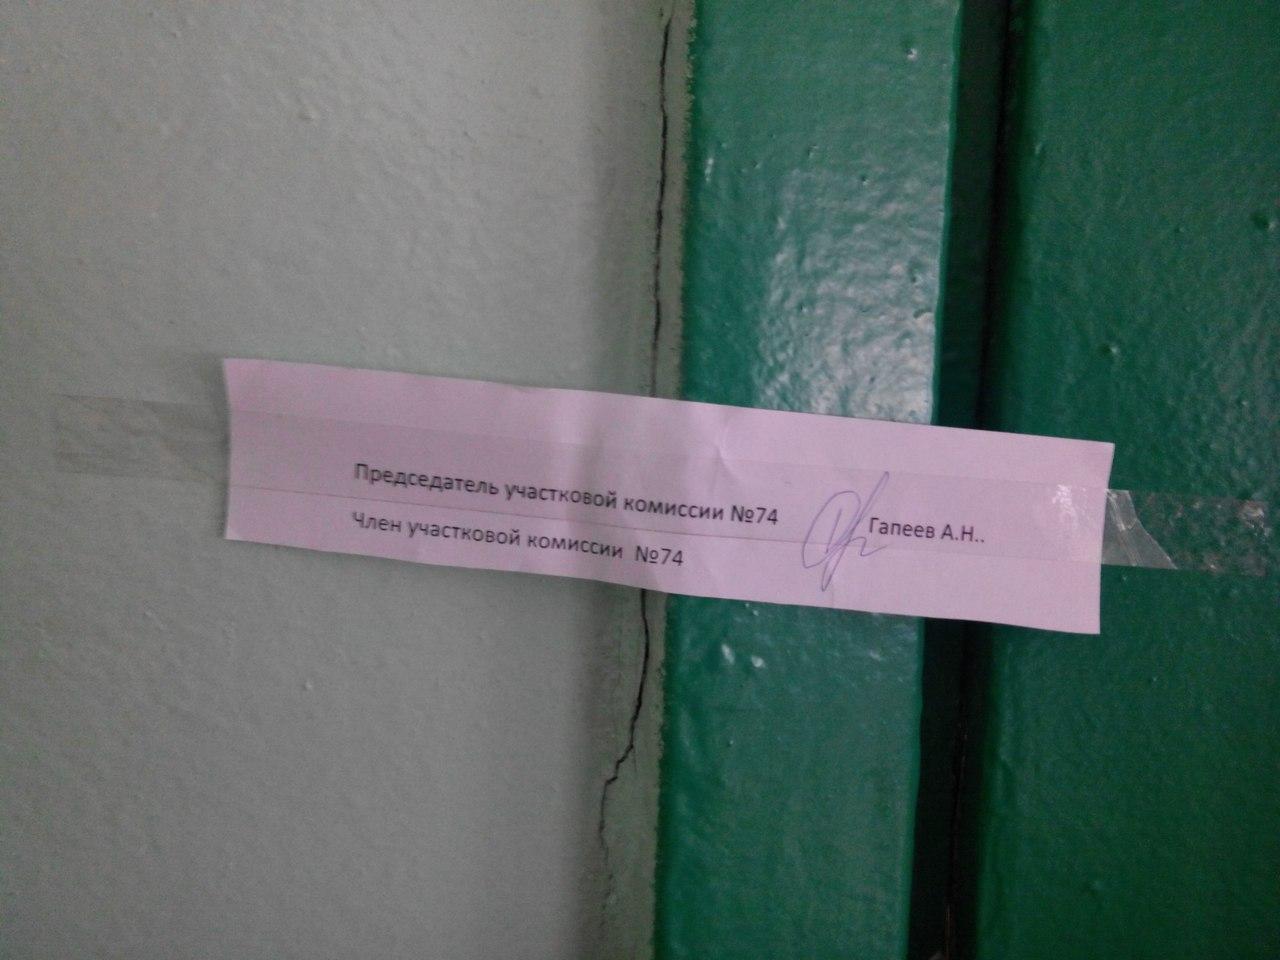 Выборы все больше шокируют: участок в Могилеве пломбируют… скотчем (ФОТОФАКТ)